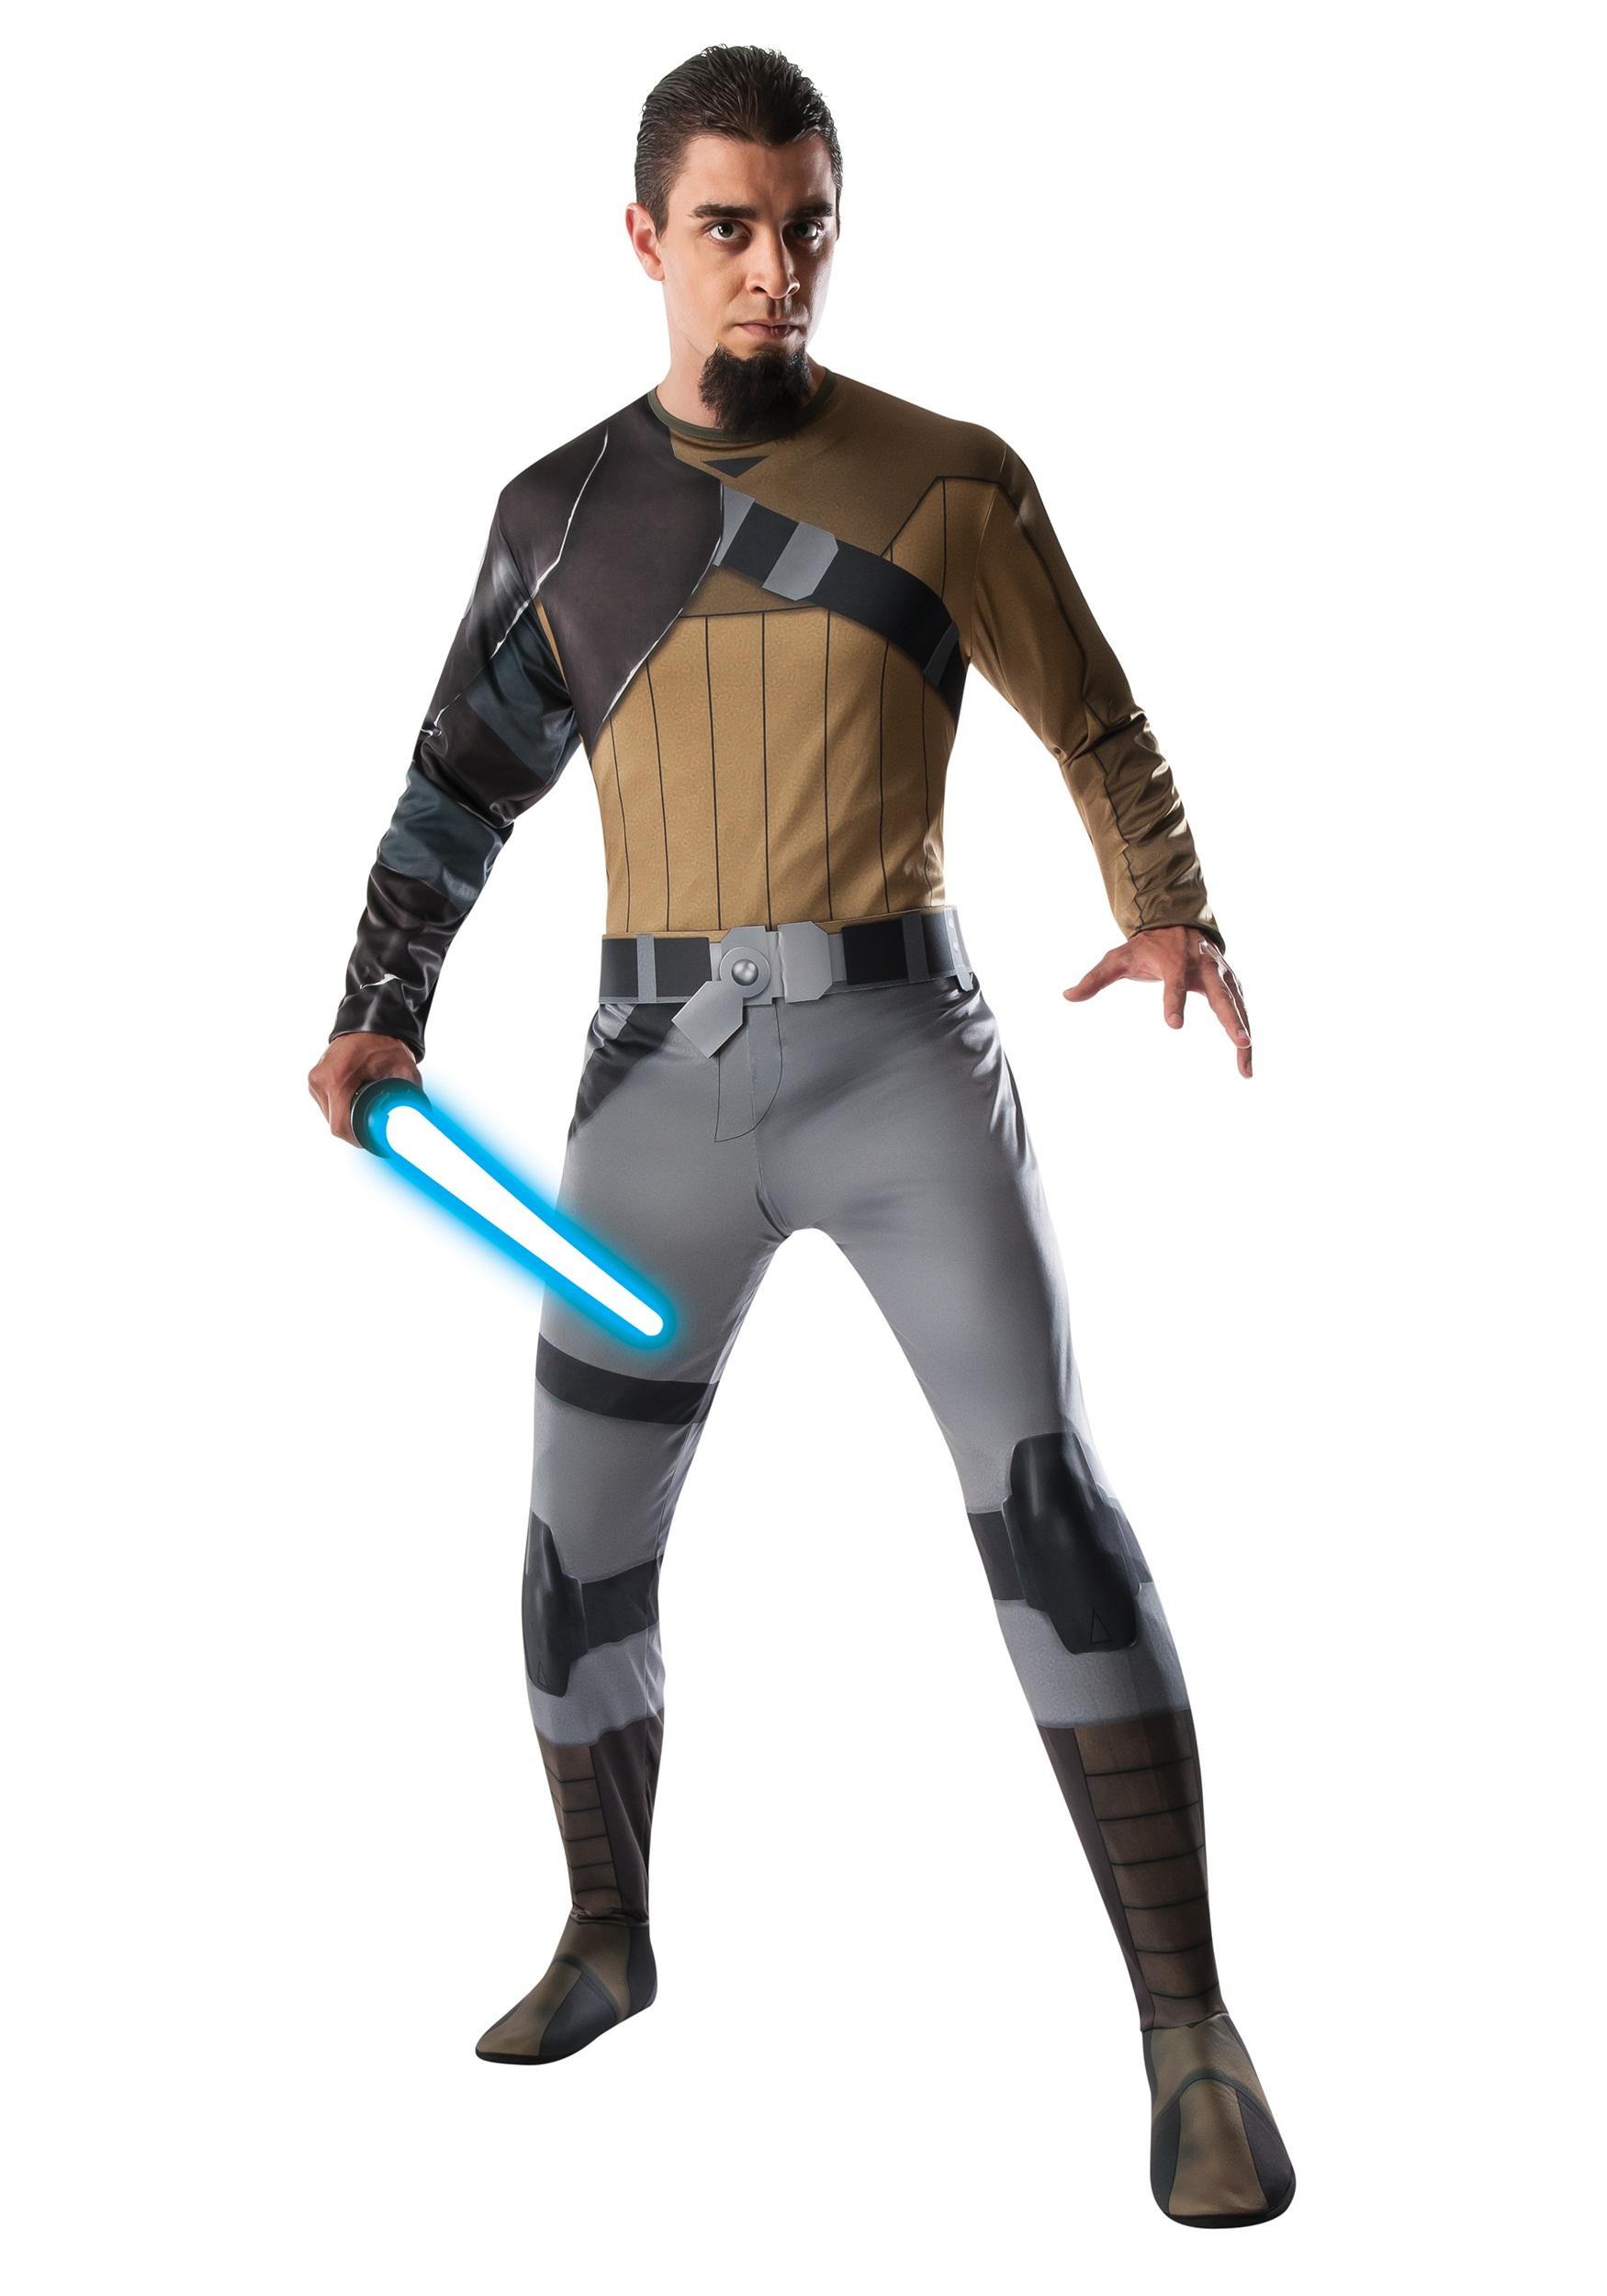 star wars adult kanan rebels costume. Black Bedroom Furniture Sets. Home Design Ideas